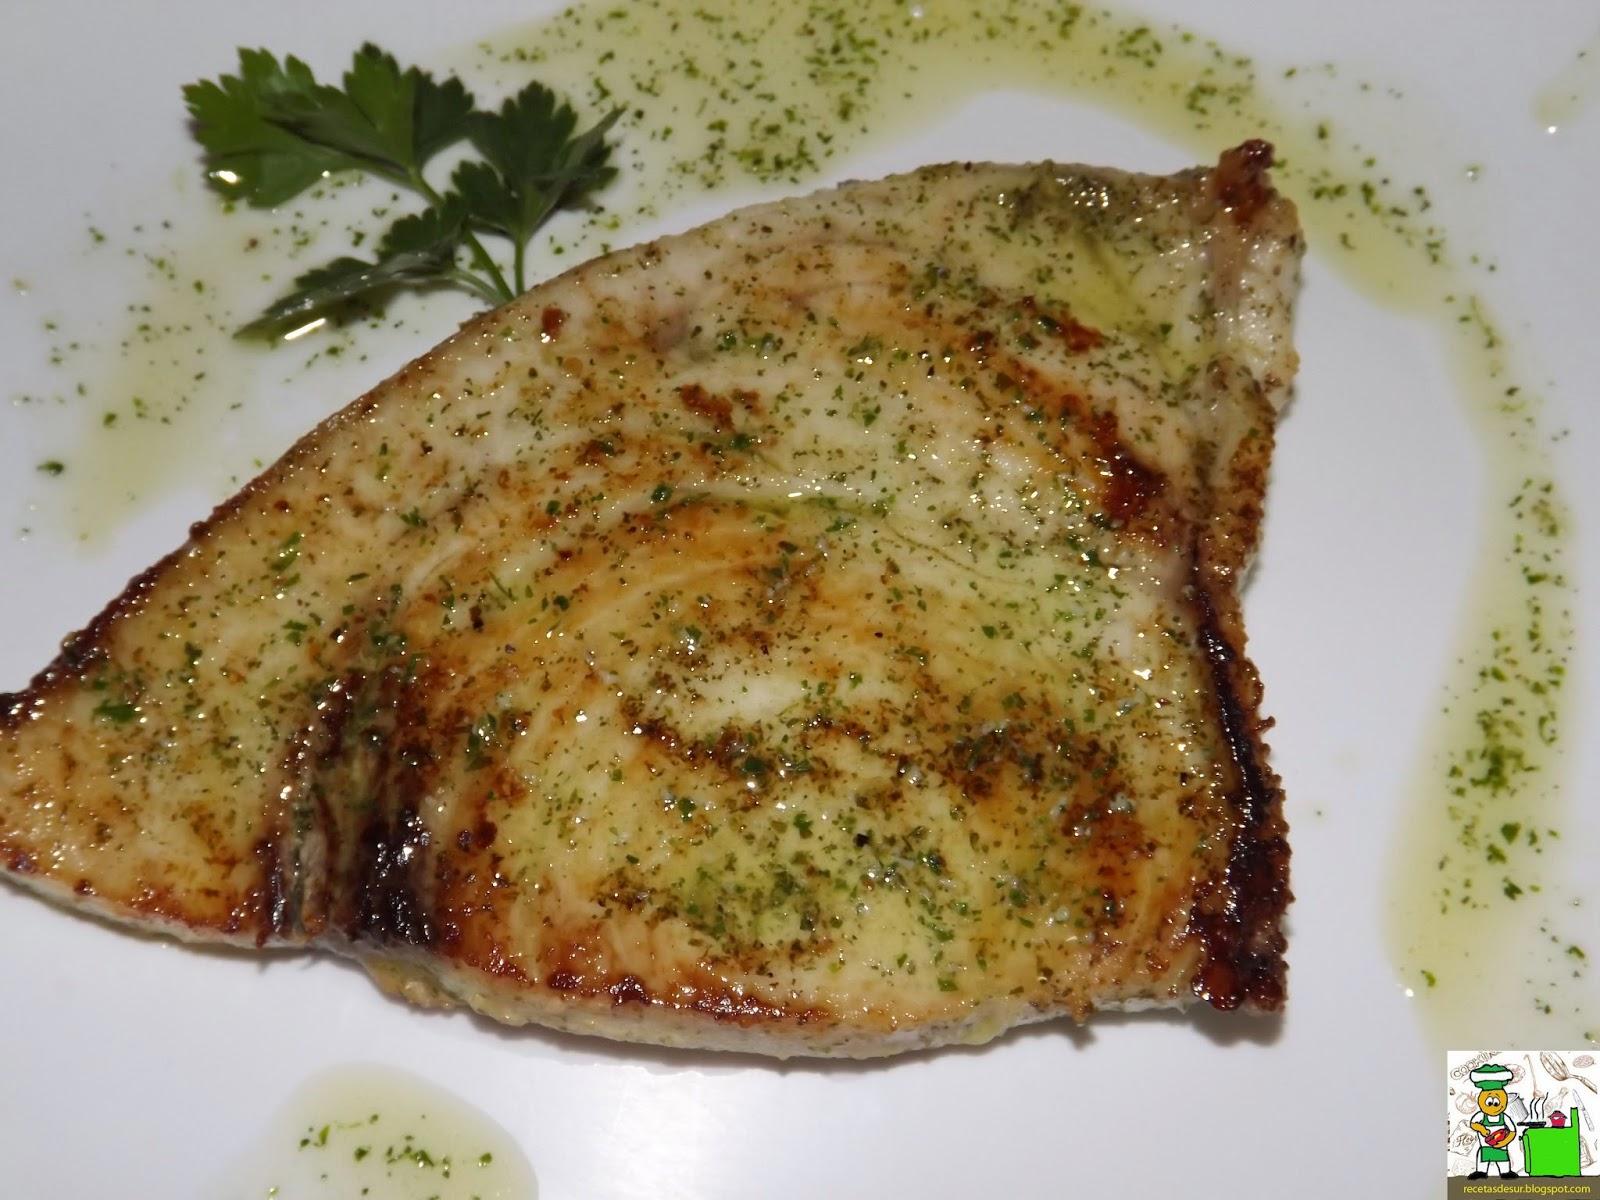 Recetas del sur pez espada en salsa verde for Pez espada en salsa de almendras